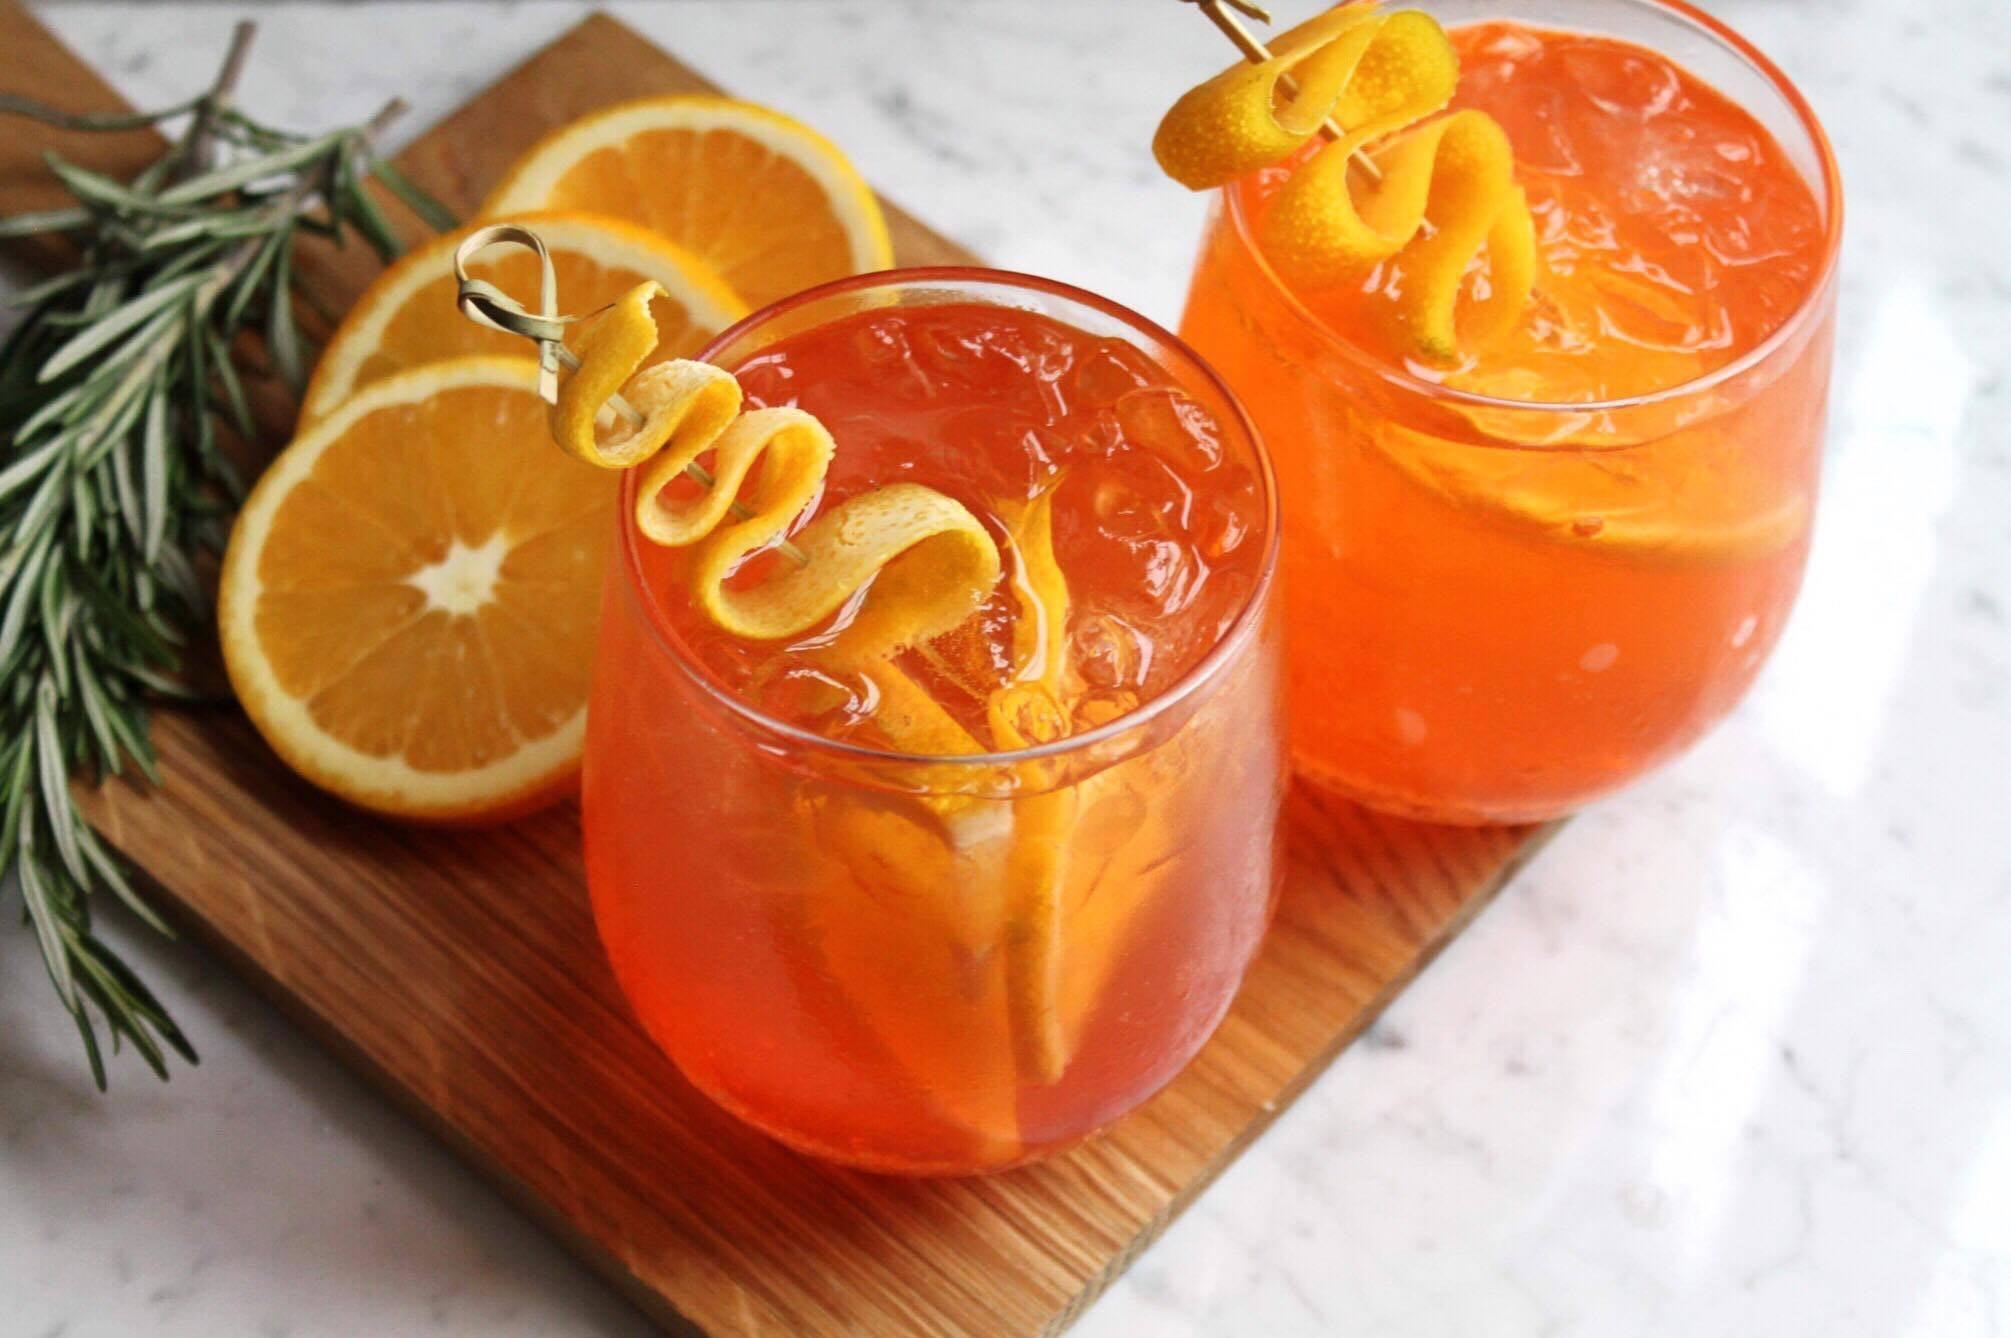 aperol spritz ginger beer cocktail drink